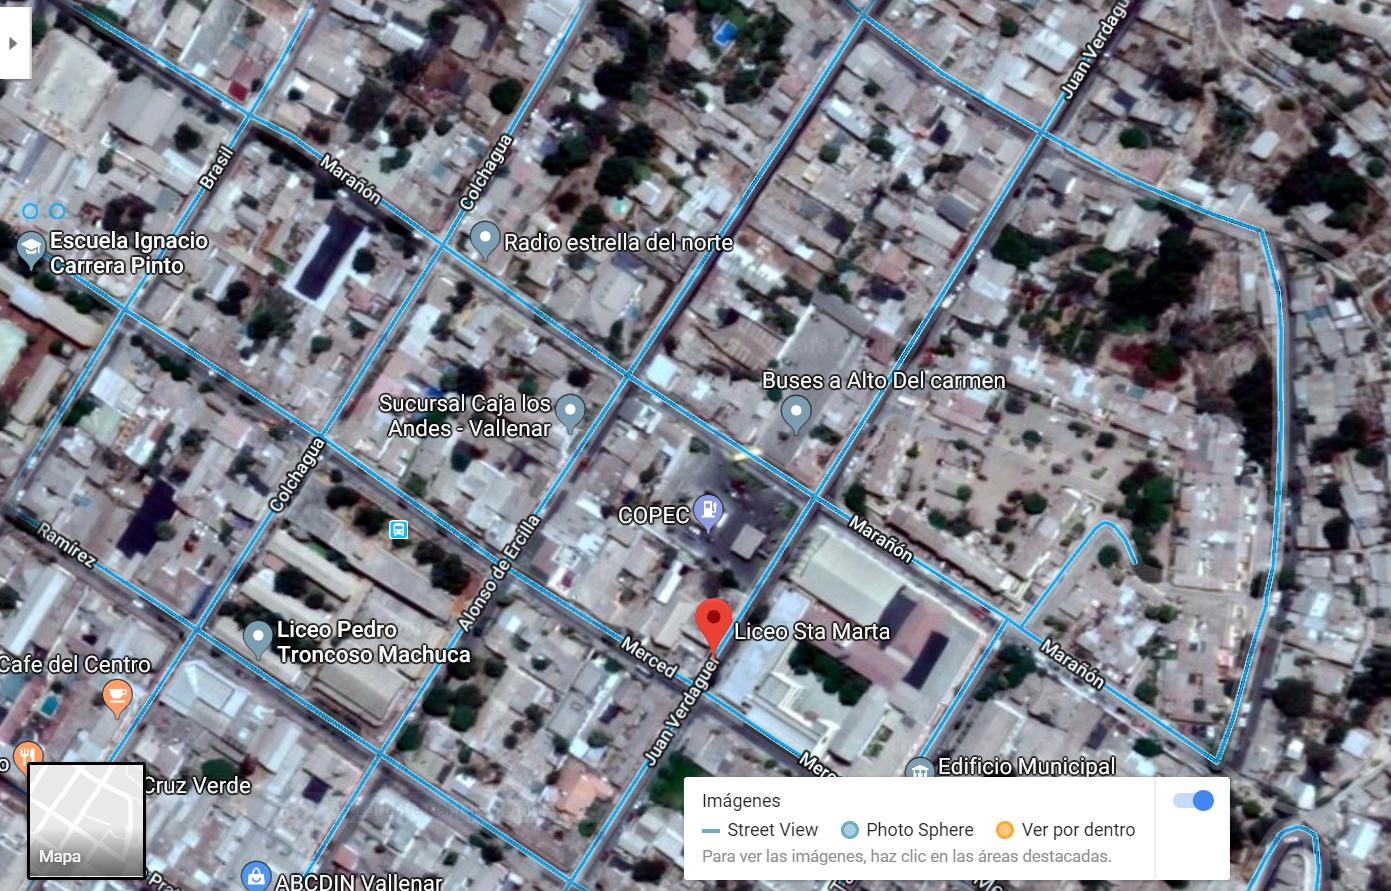 Comienza II etapa de Conservación de Calles en Vallenar: en 90 días debería estar terminado